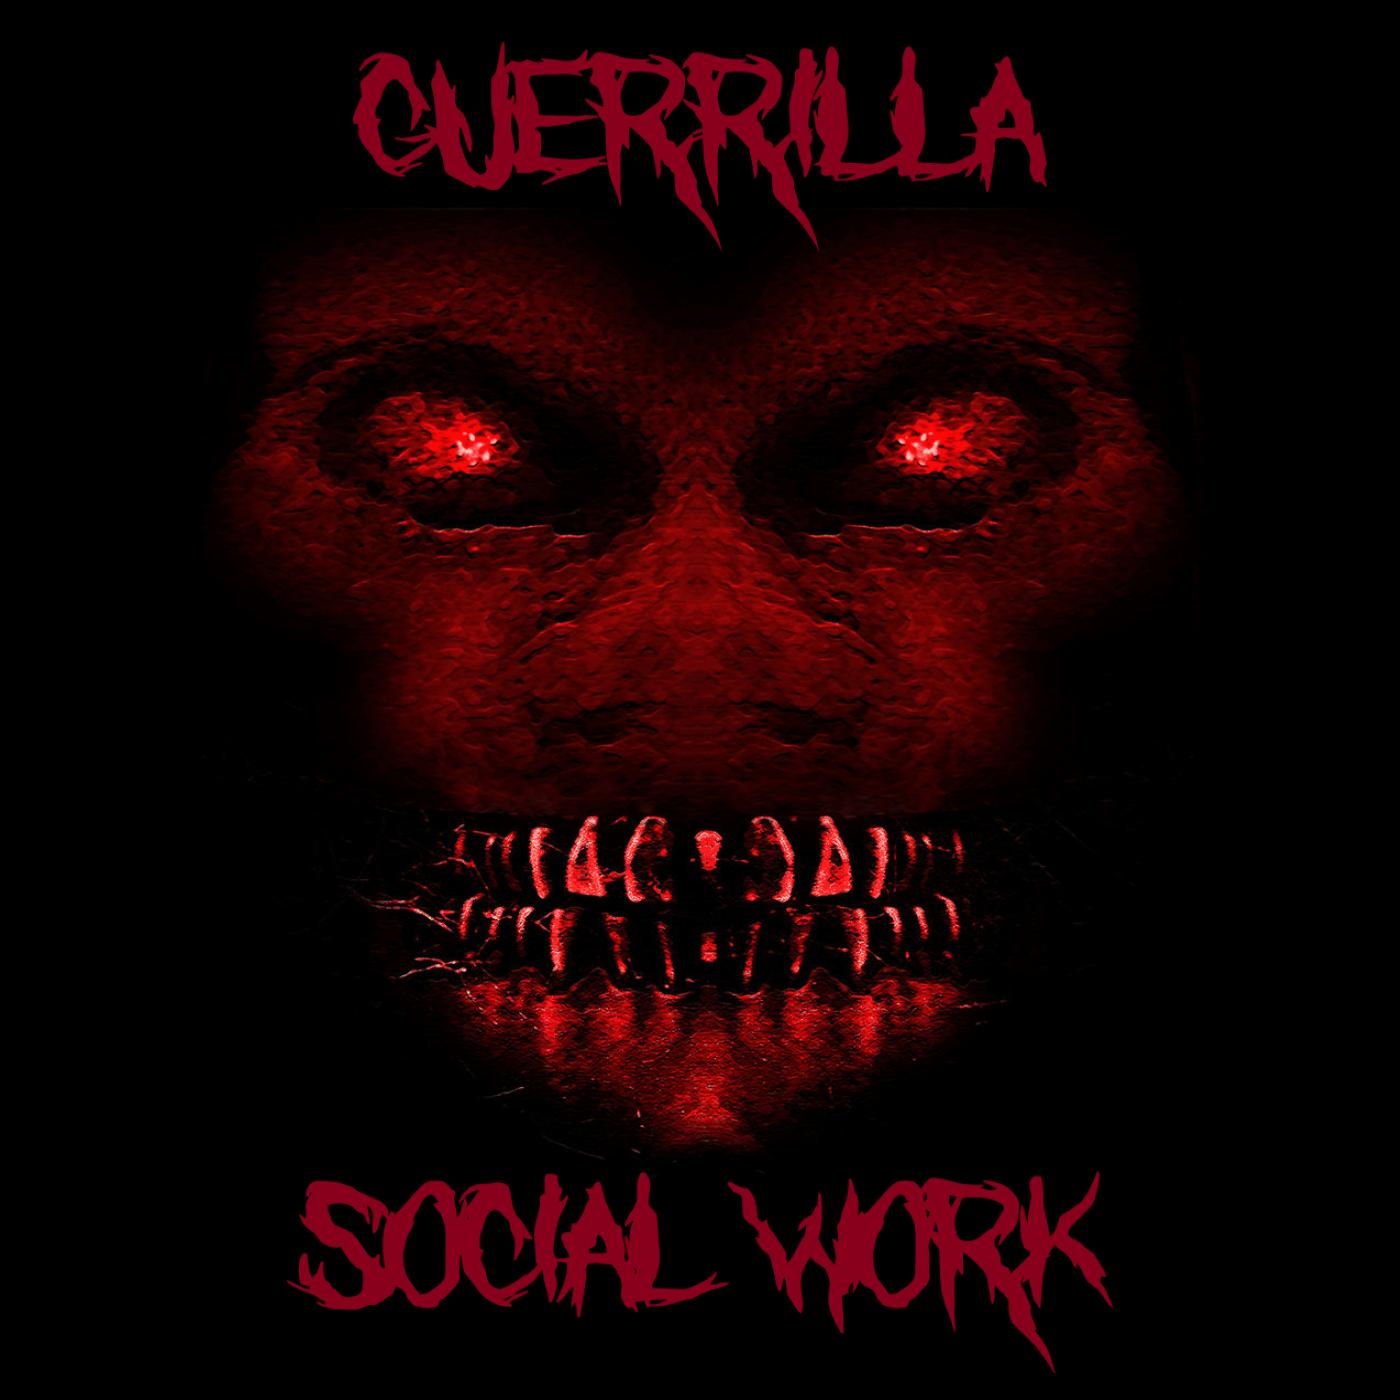 Guerrilla Social Work Podcast